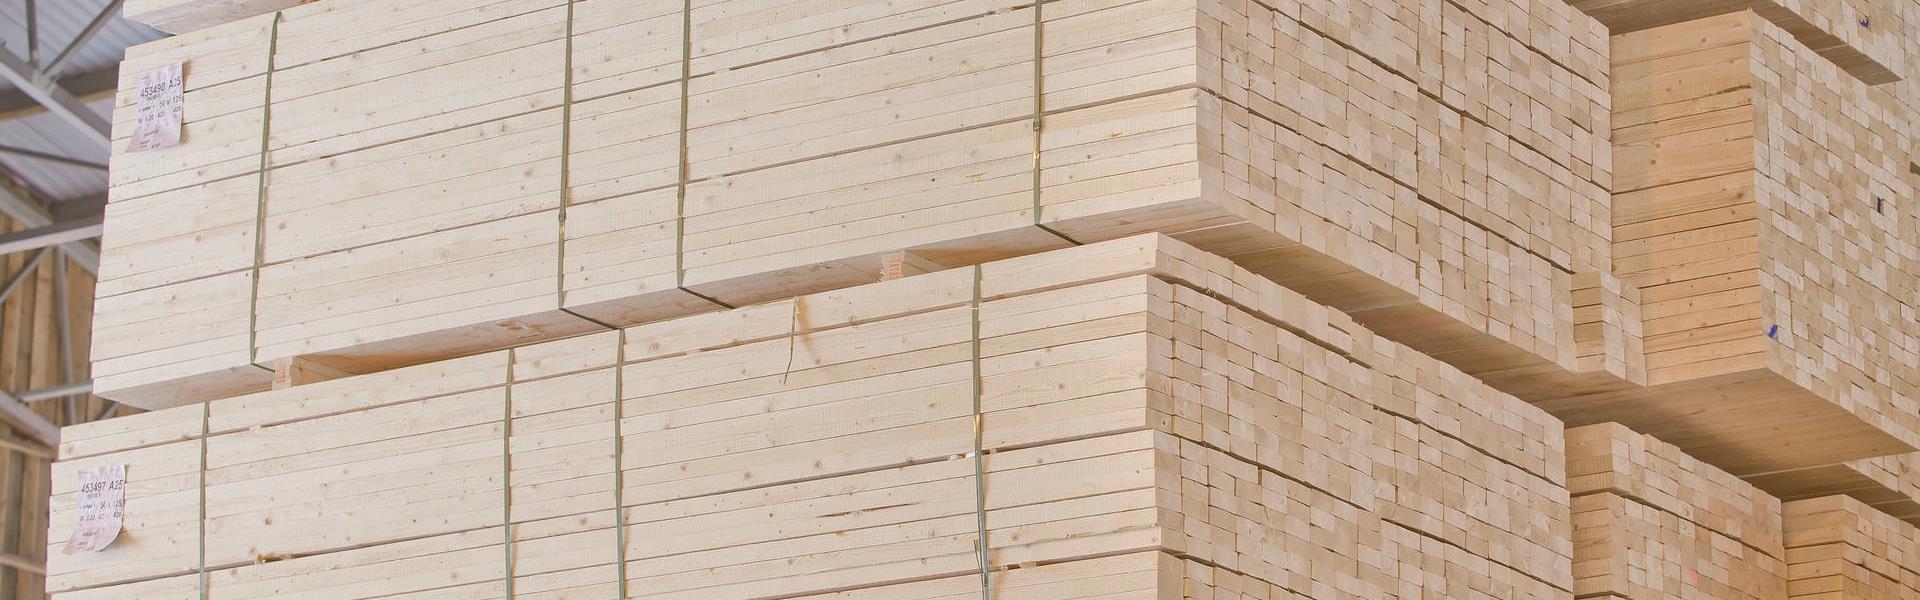 vigas madeira maciça (9).jpg